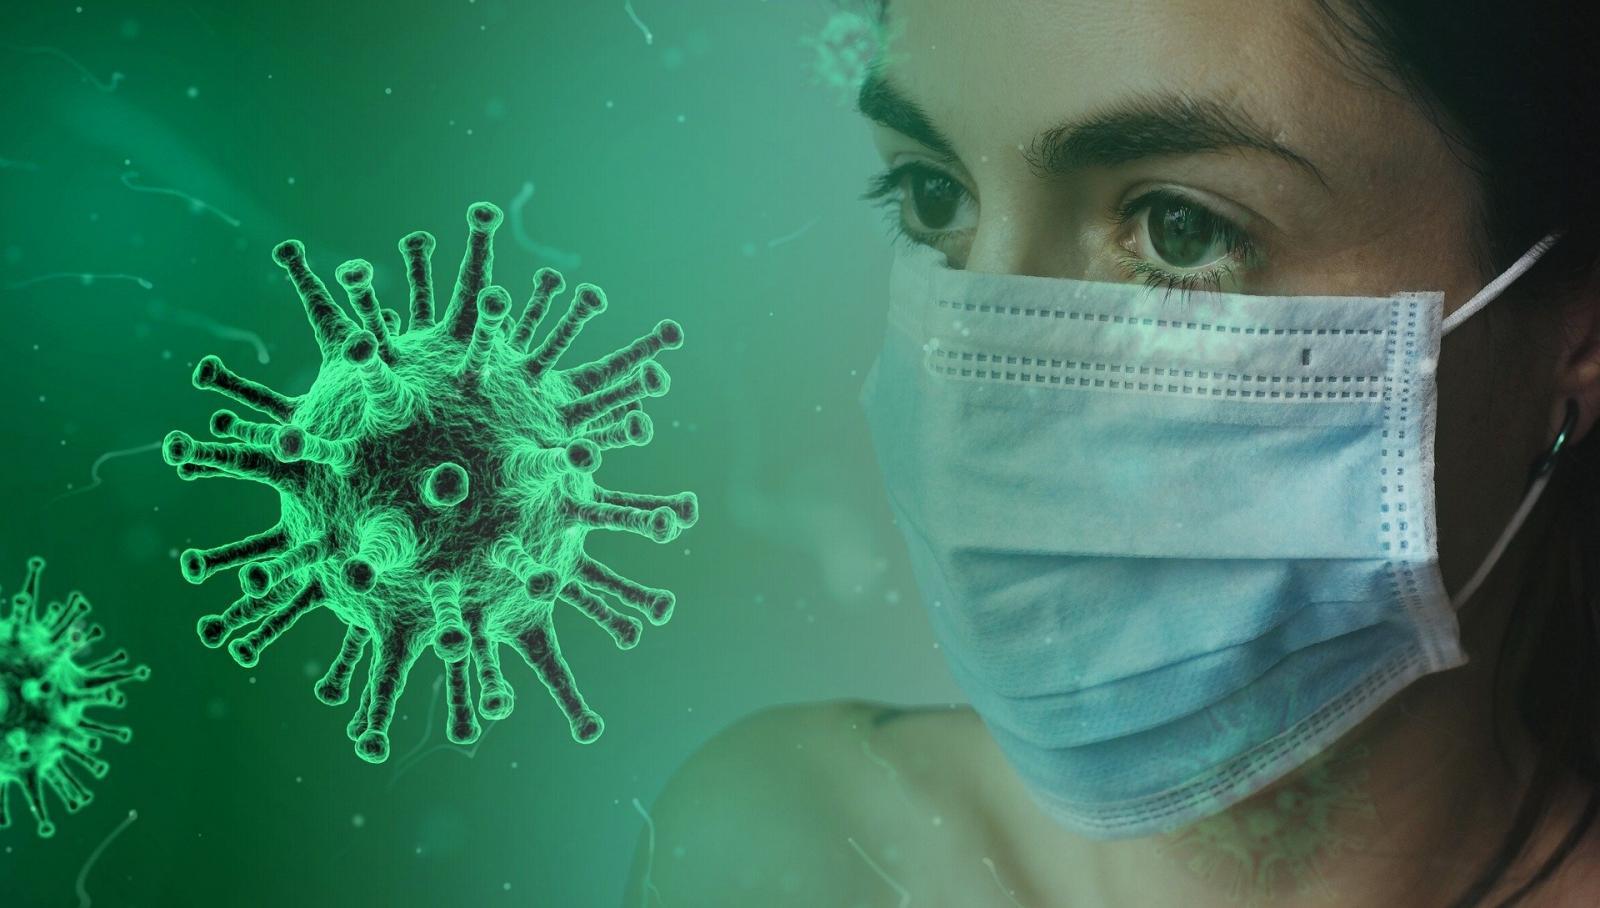 Новые случаи коронавируса выявлены в 12 муниципалитетах Брянской области